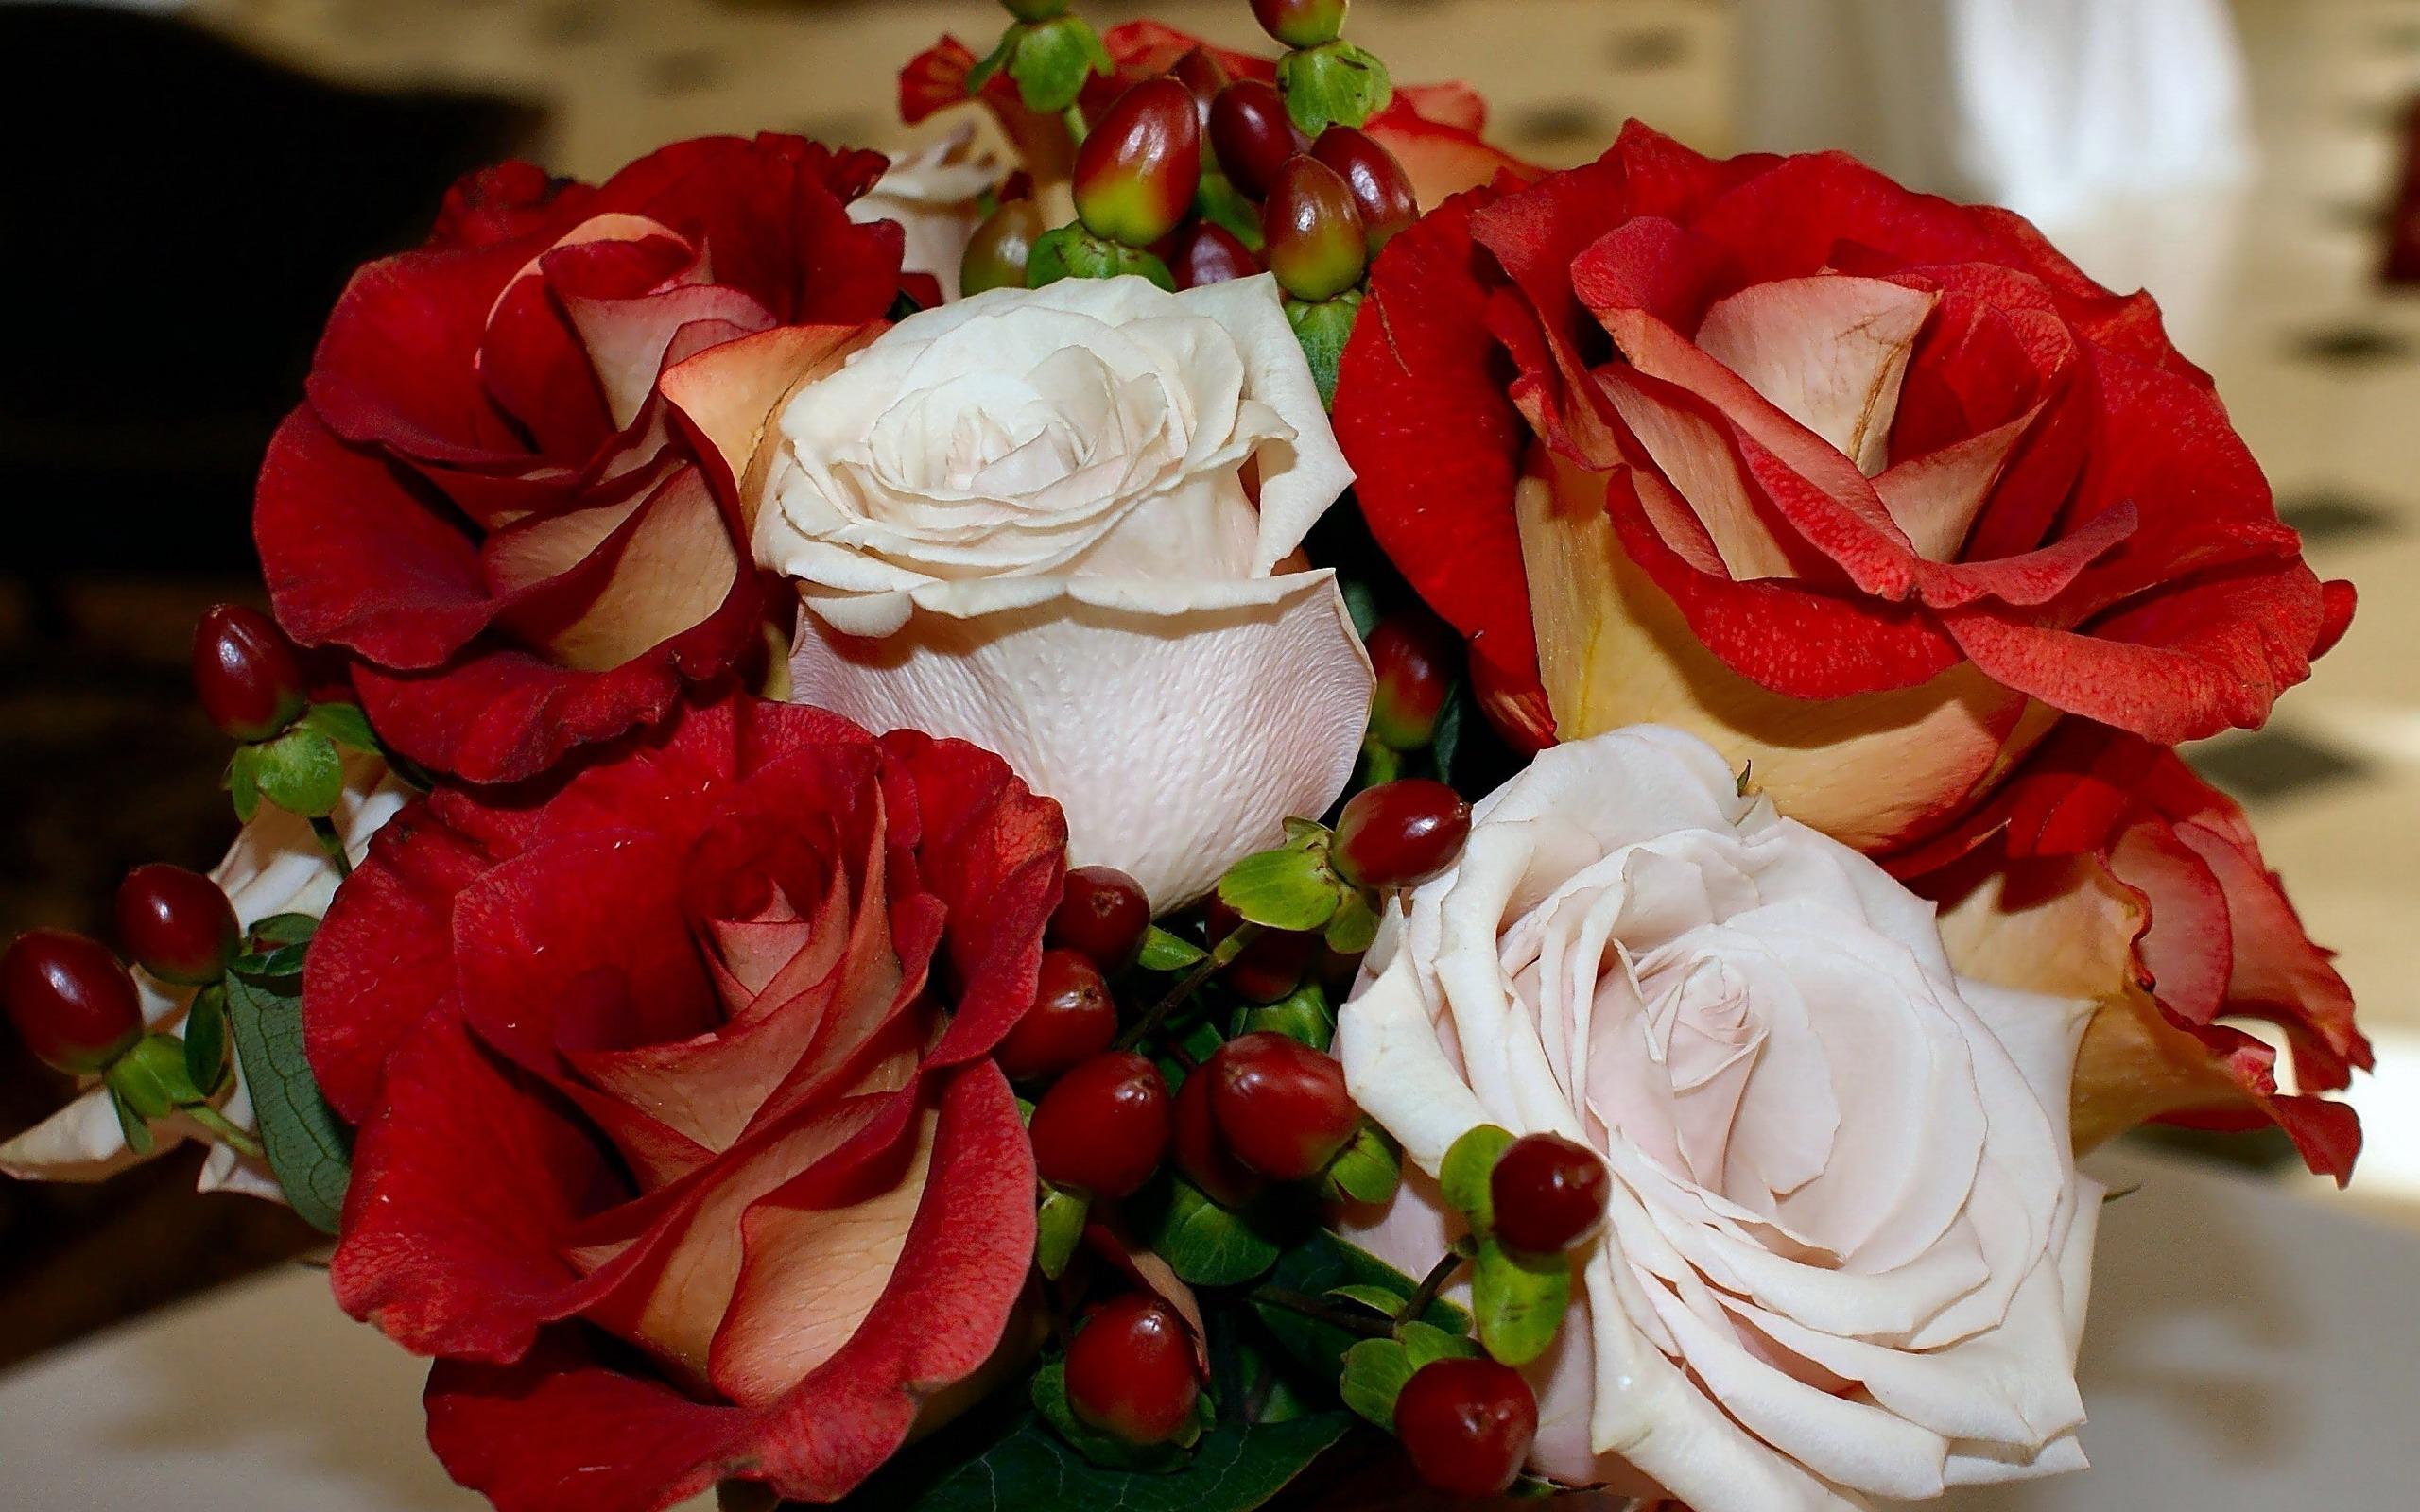 Голландские тюльпаны фантастическая красота 30 фото